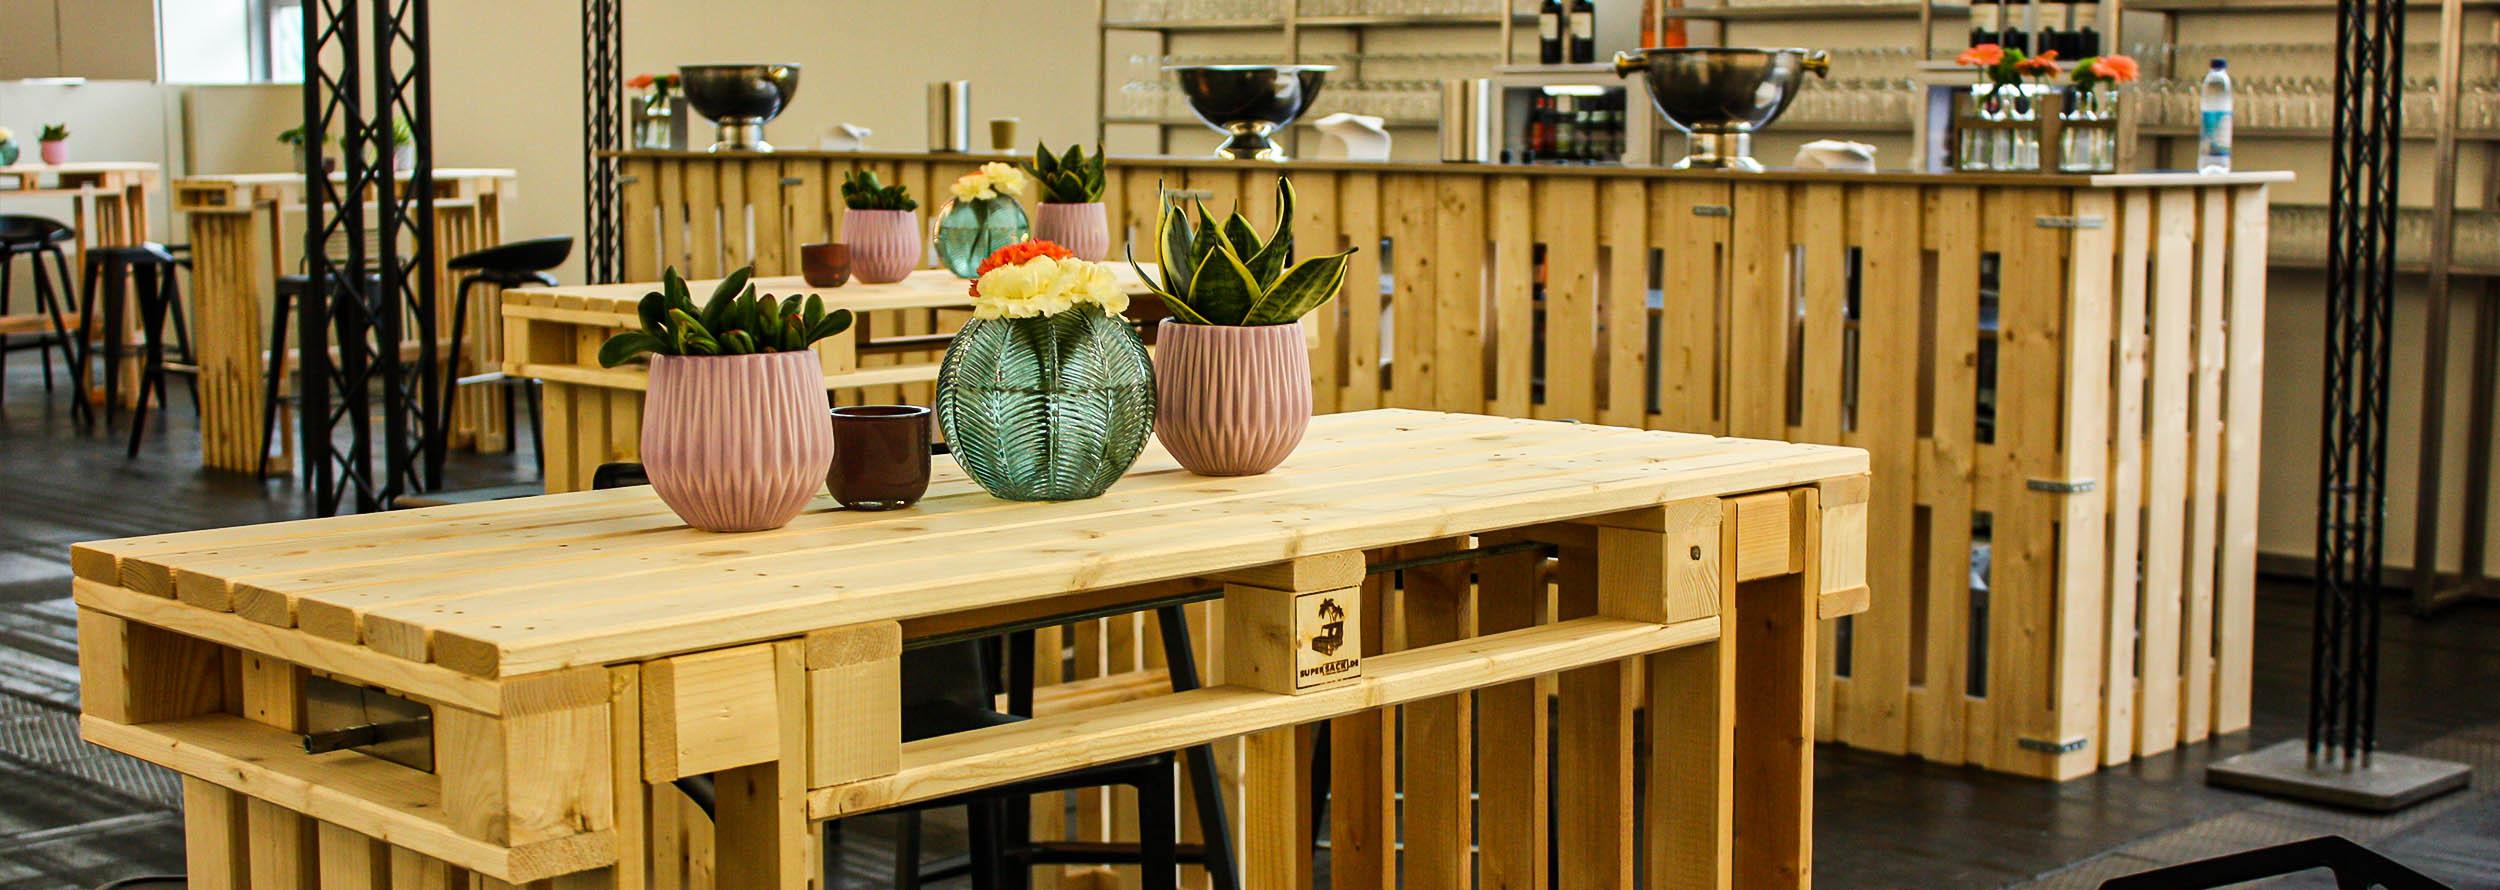 Möbel für Bar- & Loungebereiche für Firmenevents mieten